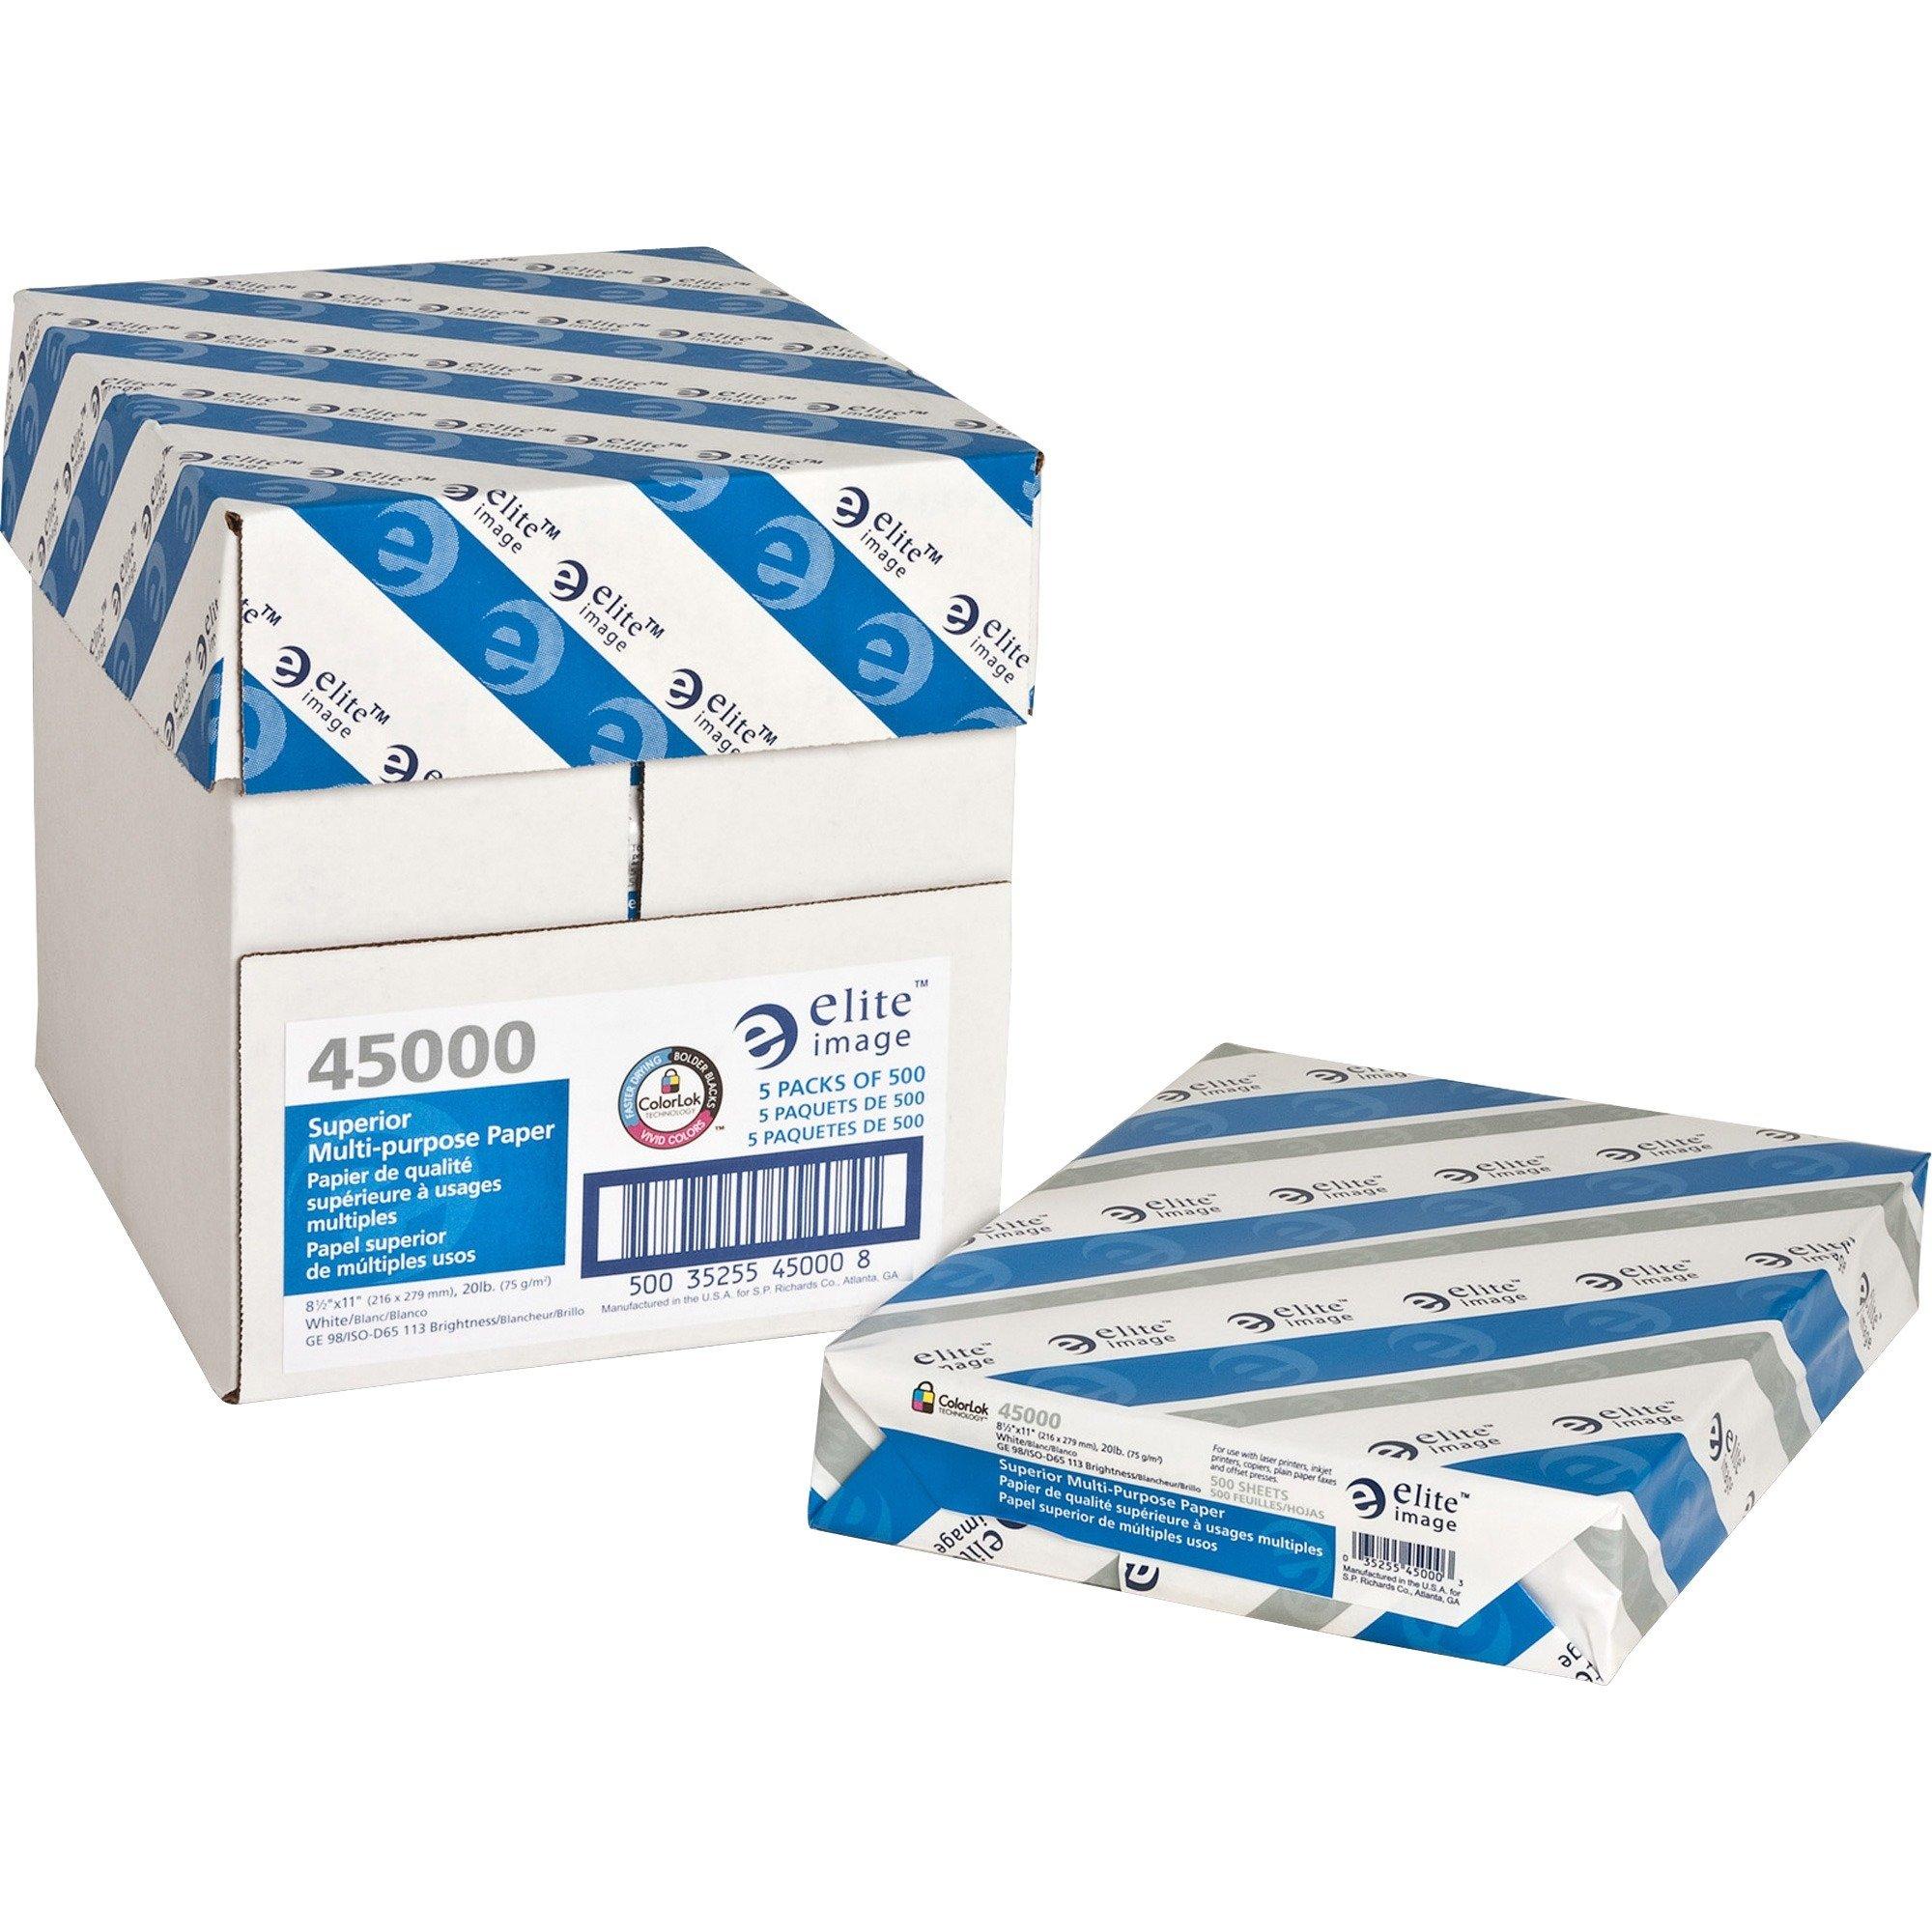 Elite Image Multipurpose Paper (ELI45000)